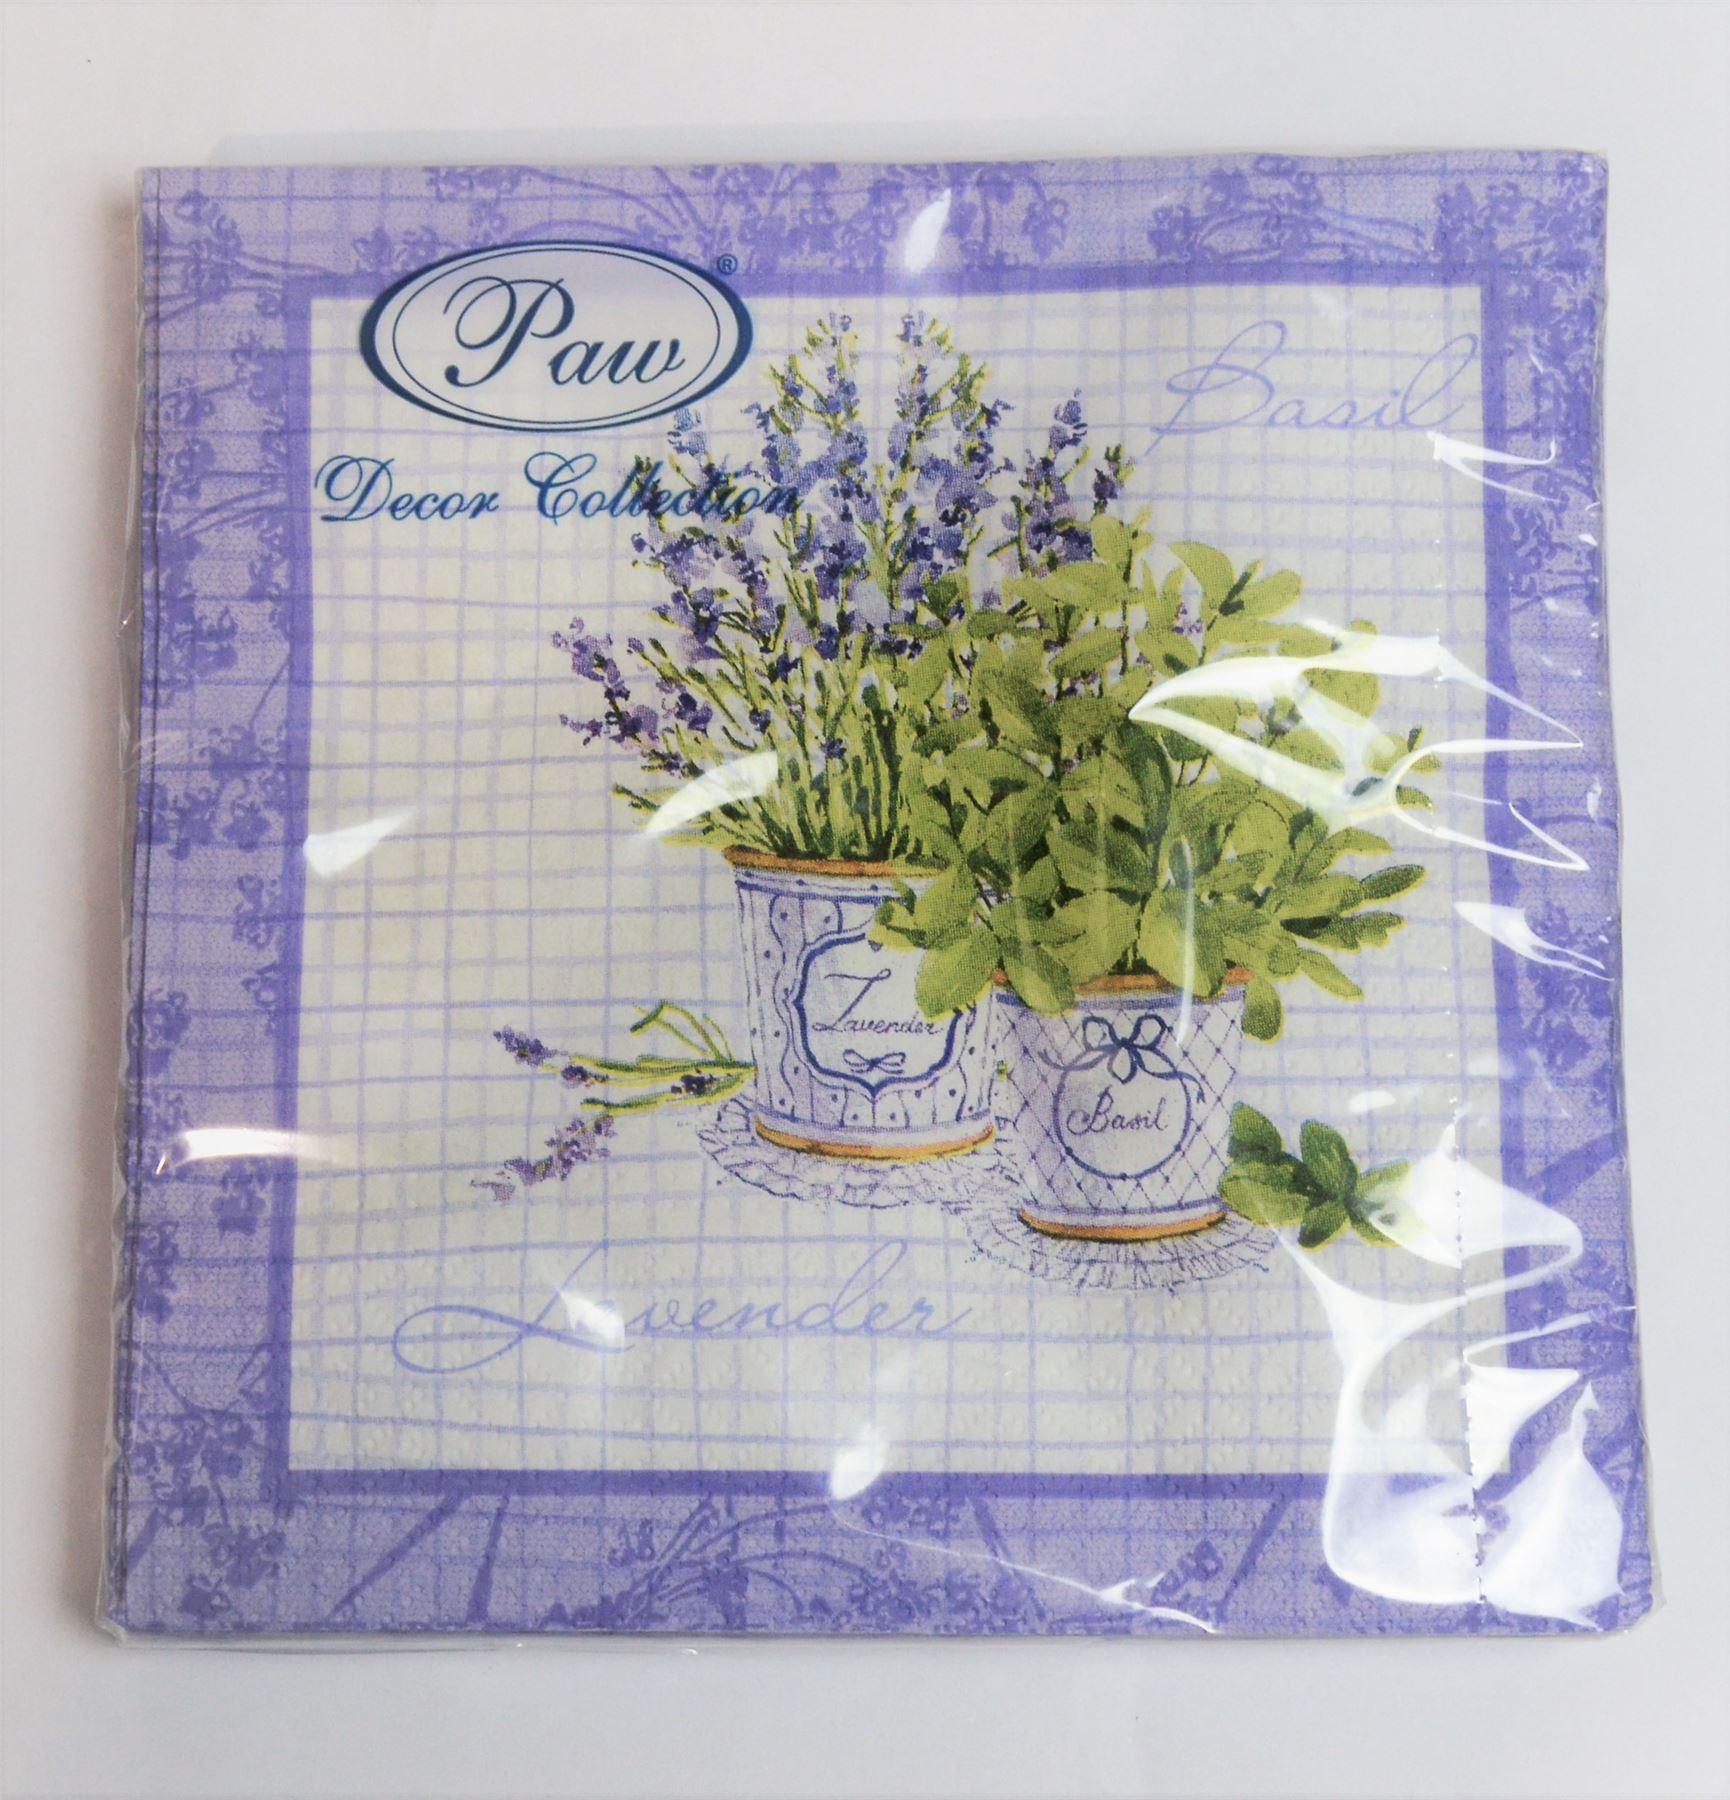 20 pck beautiful vintage decorative paper napkins nature - Decorative Paper Napkins